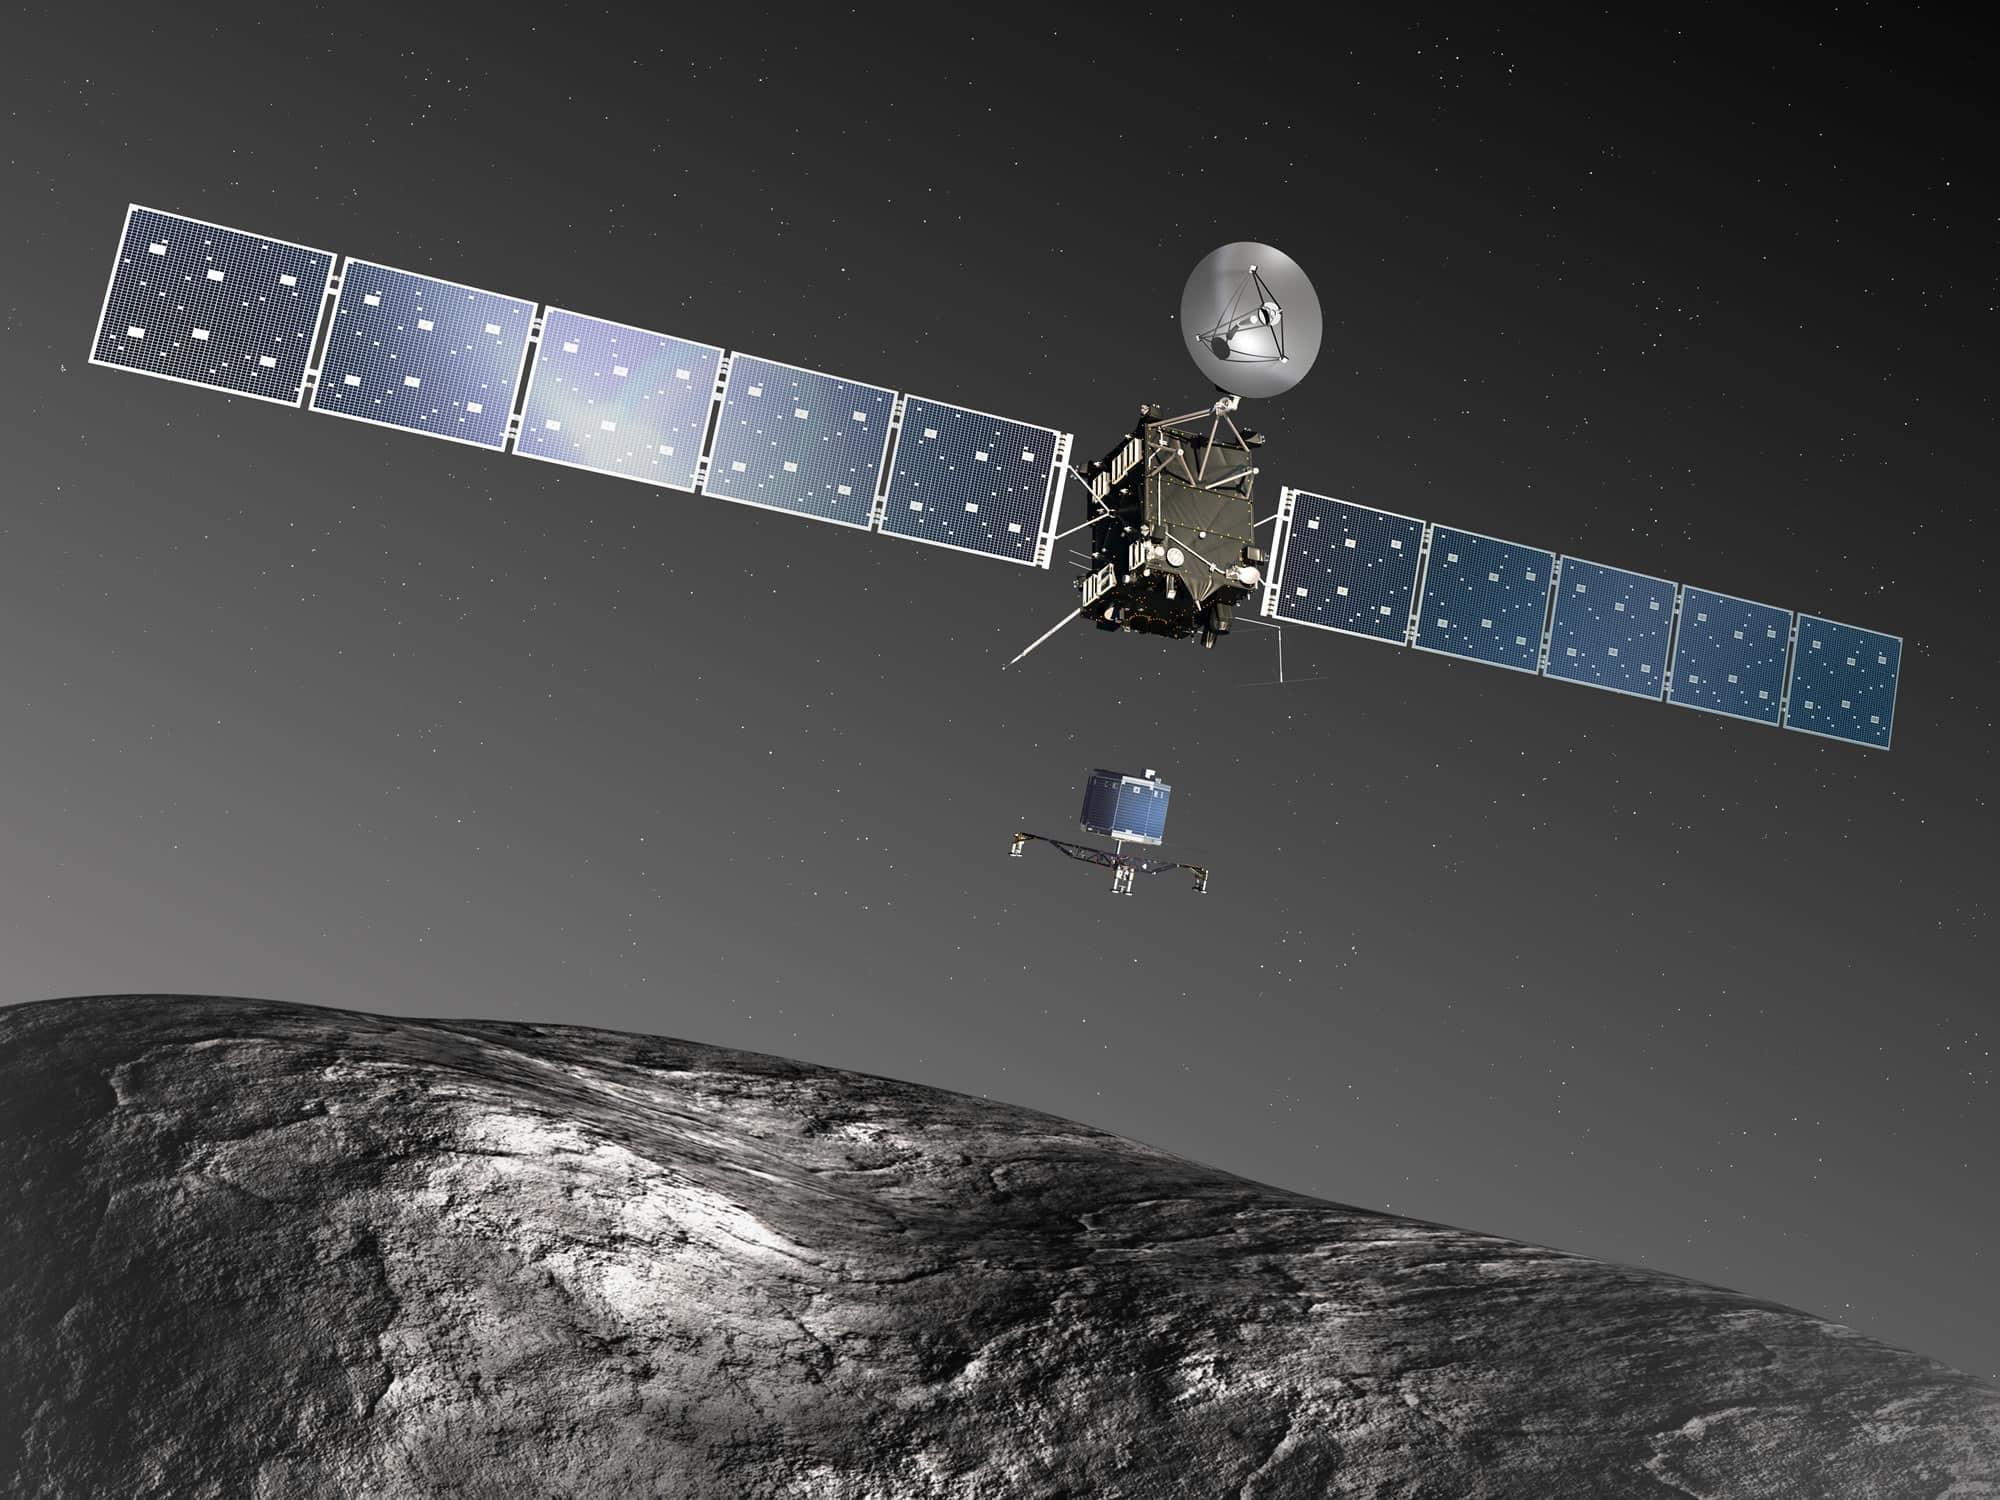 El descubrimiento de Rosetta sobre el cometa ha sido lo más importante de toda la misión.